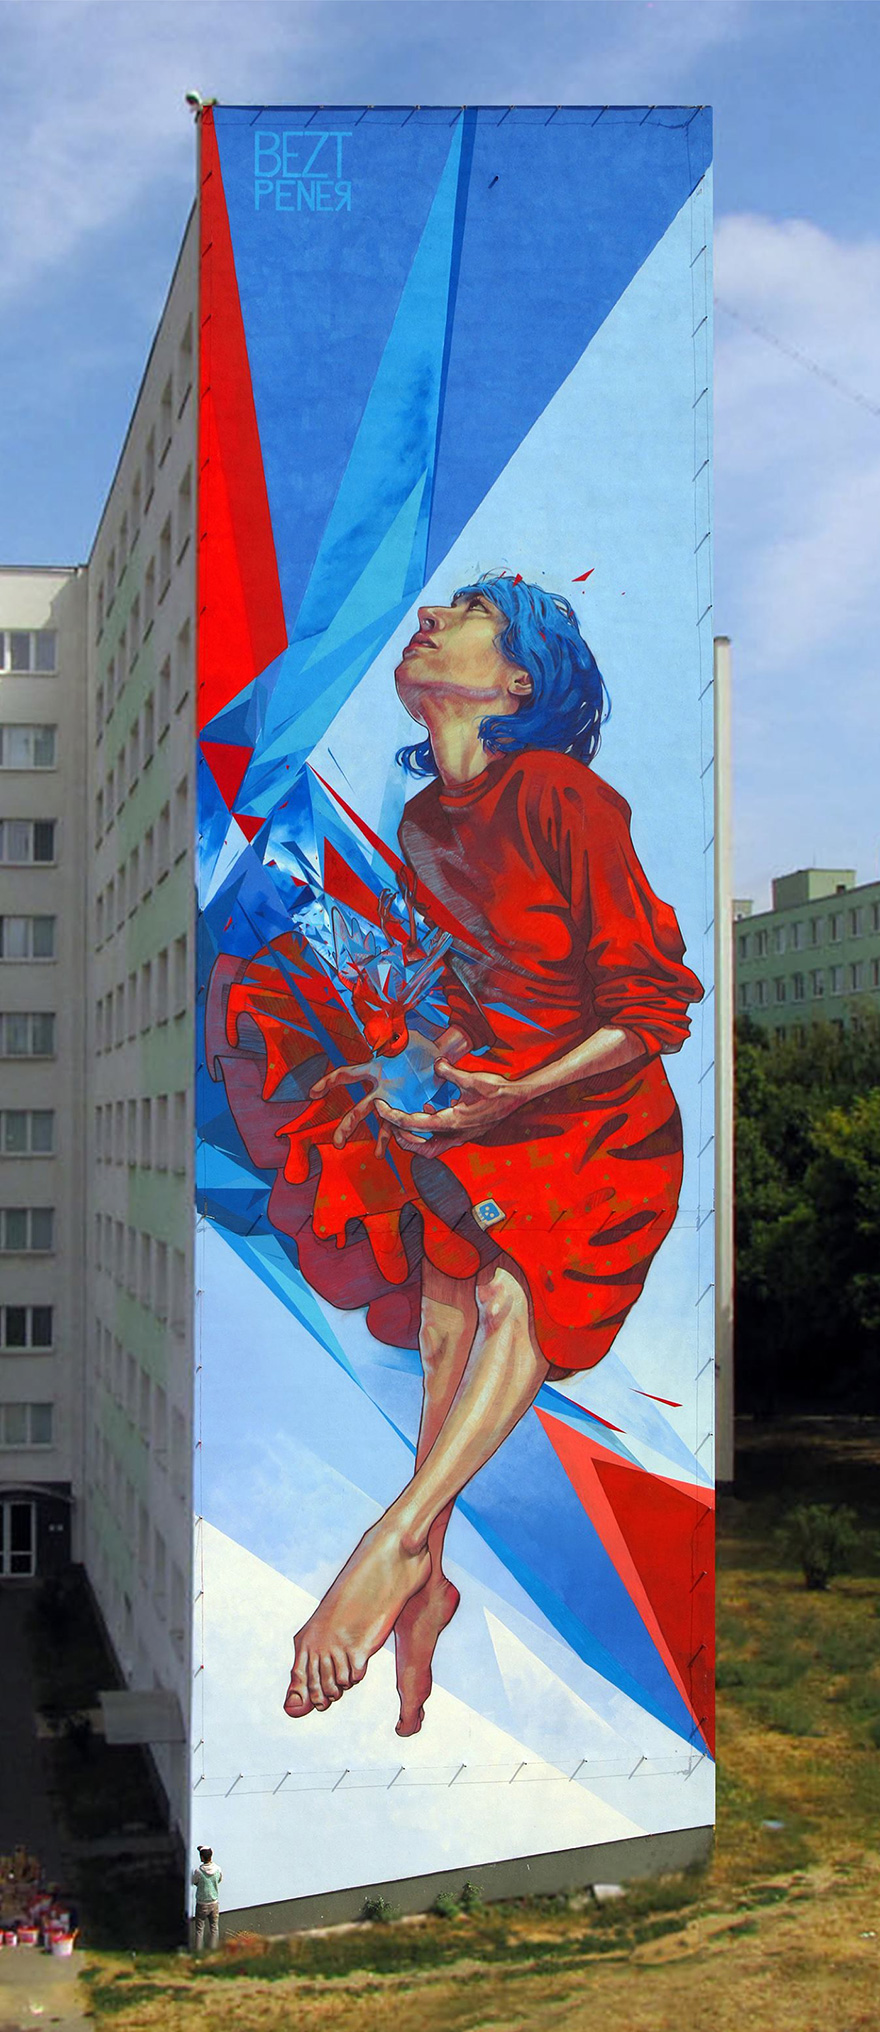 murali-murales-street-art-graffiti